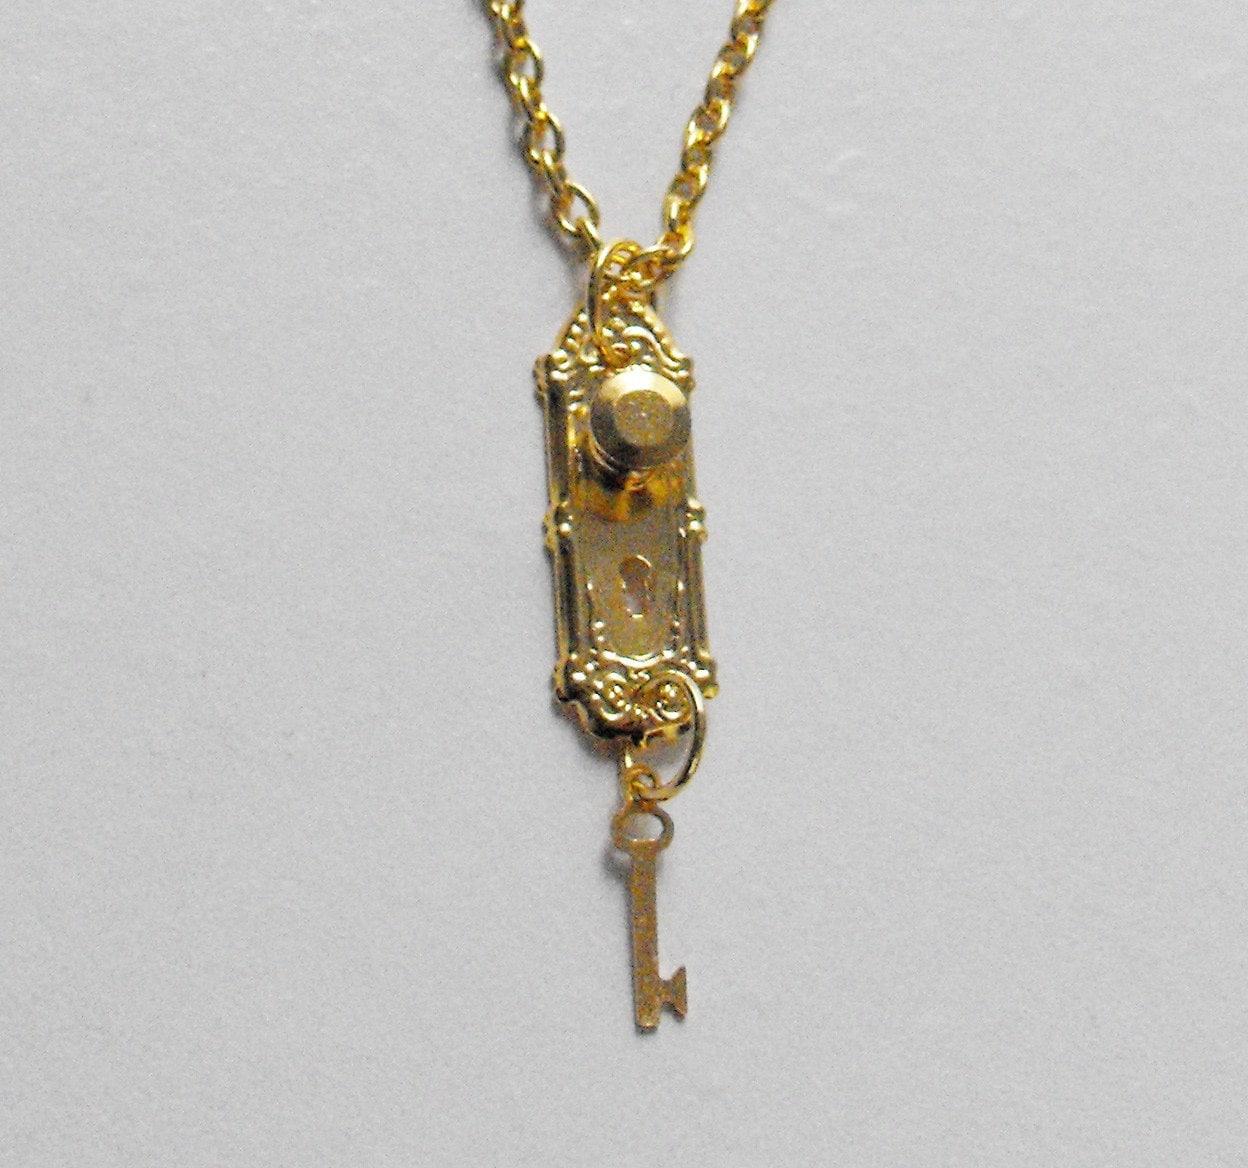 Golden Alice in Wonderland Doorknob and Key Necklace